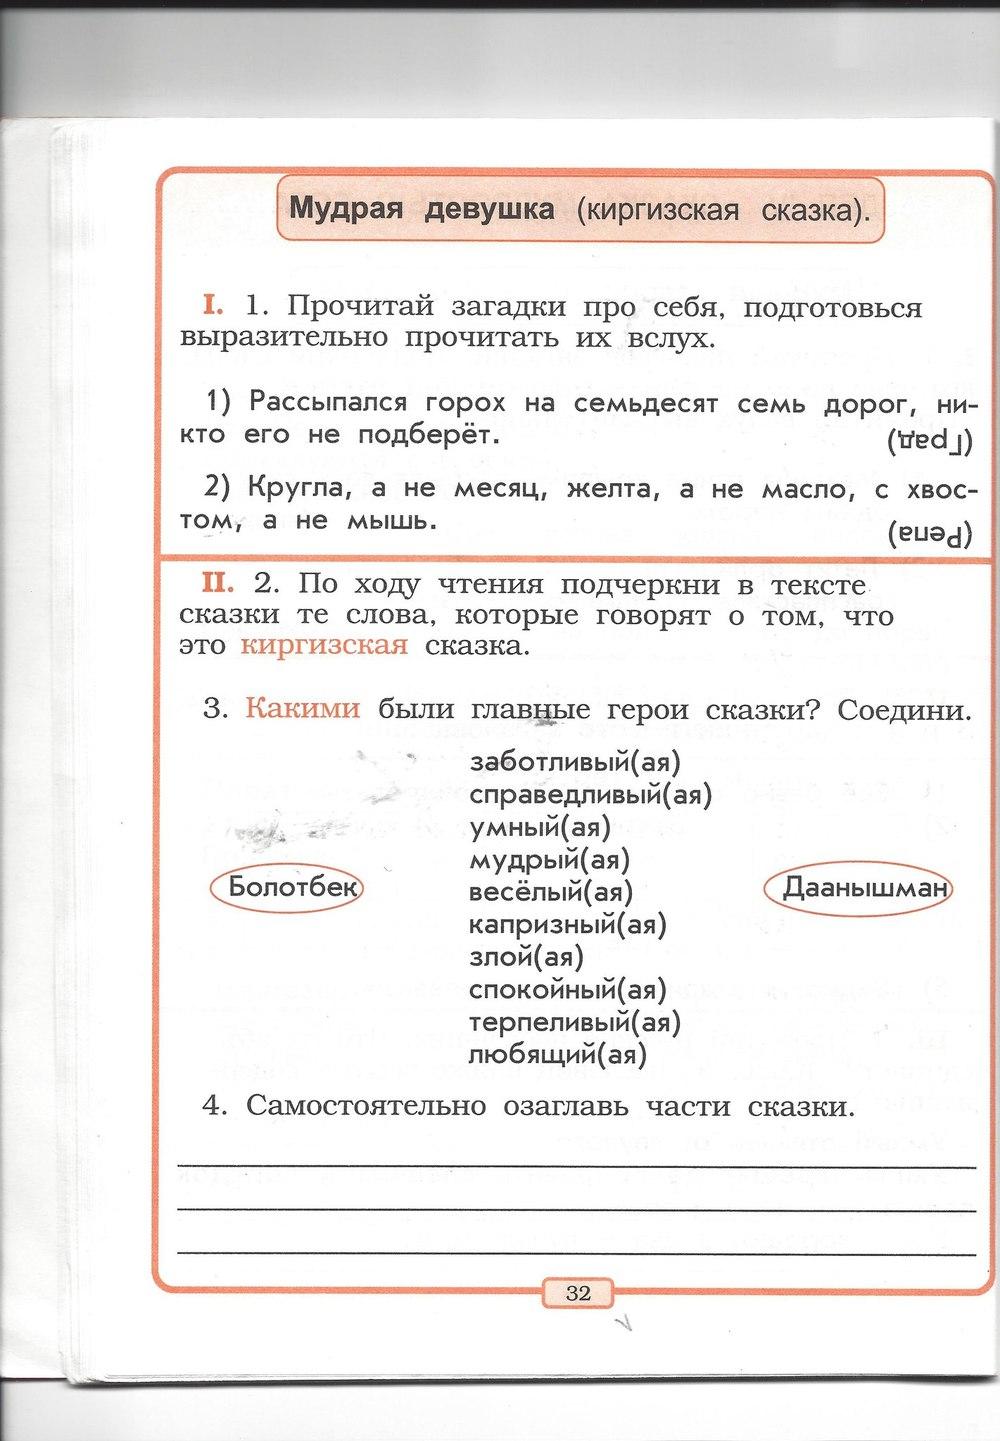 Гдз по русскому языку класс р.н.бунеев программа